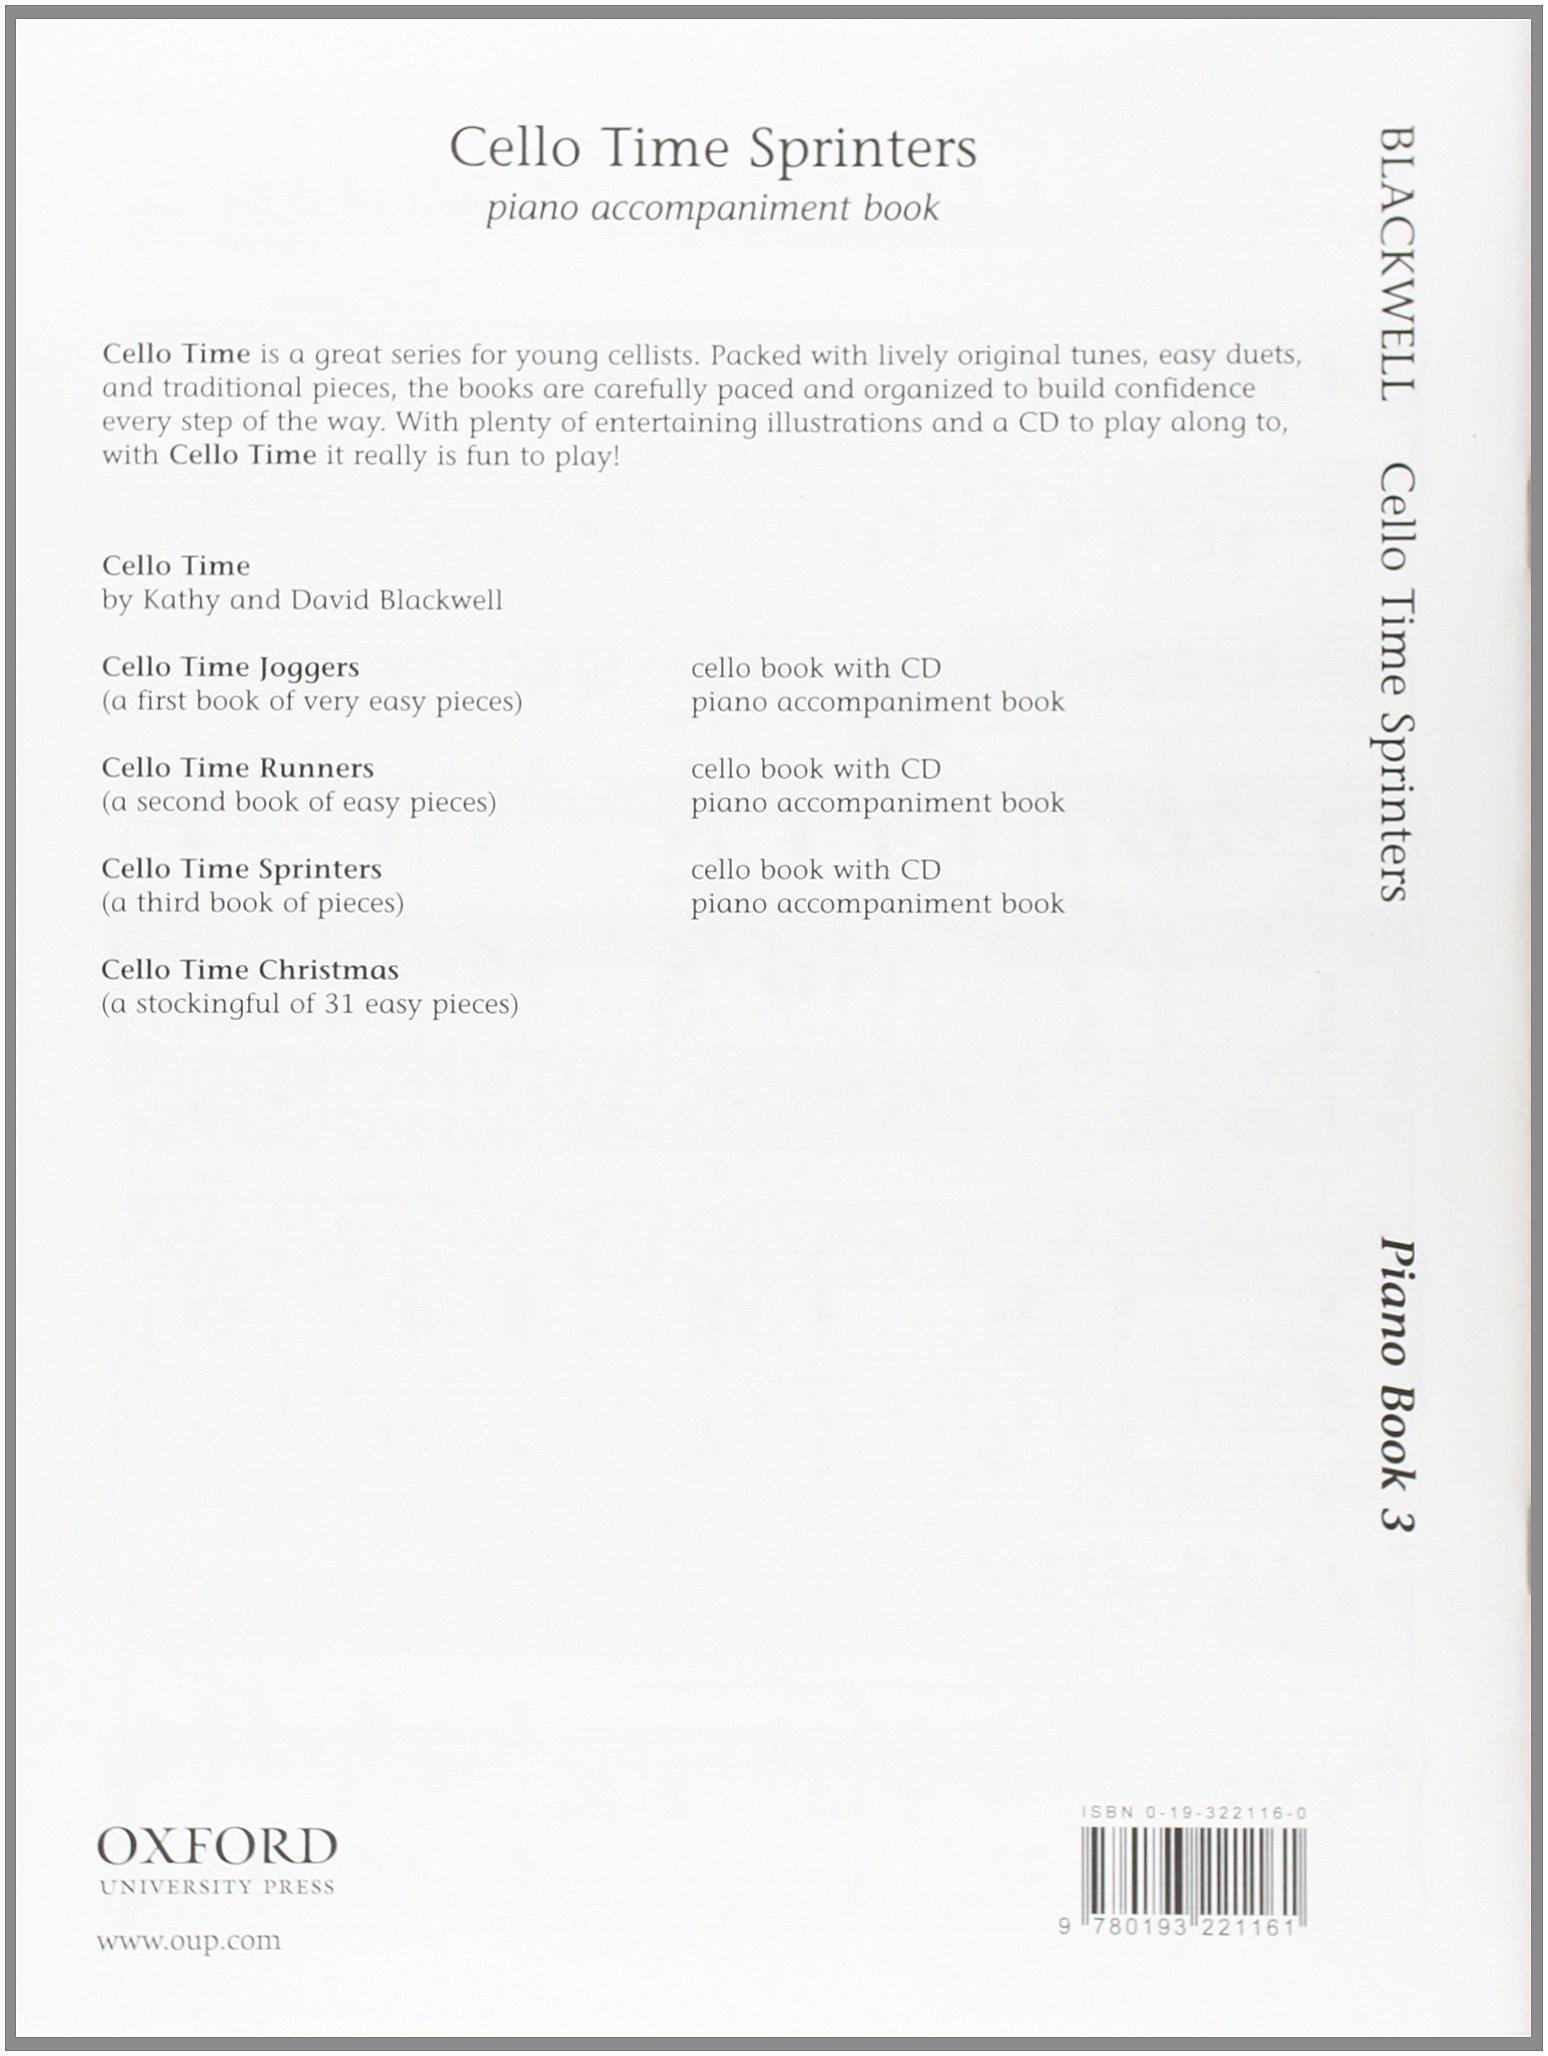 cello time sprinters piano accompaniment book piano part